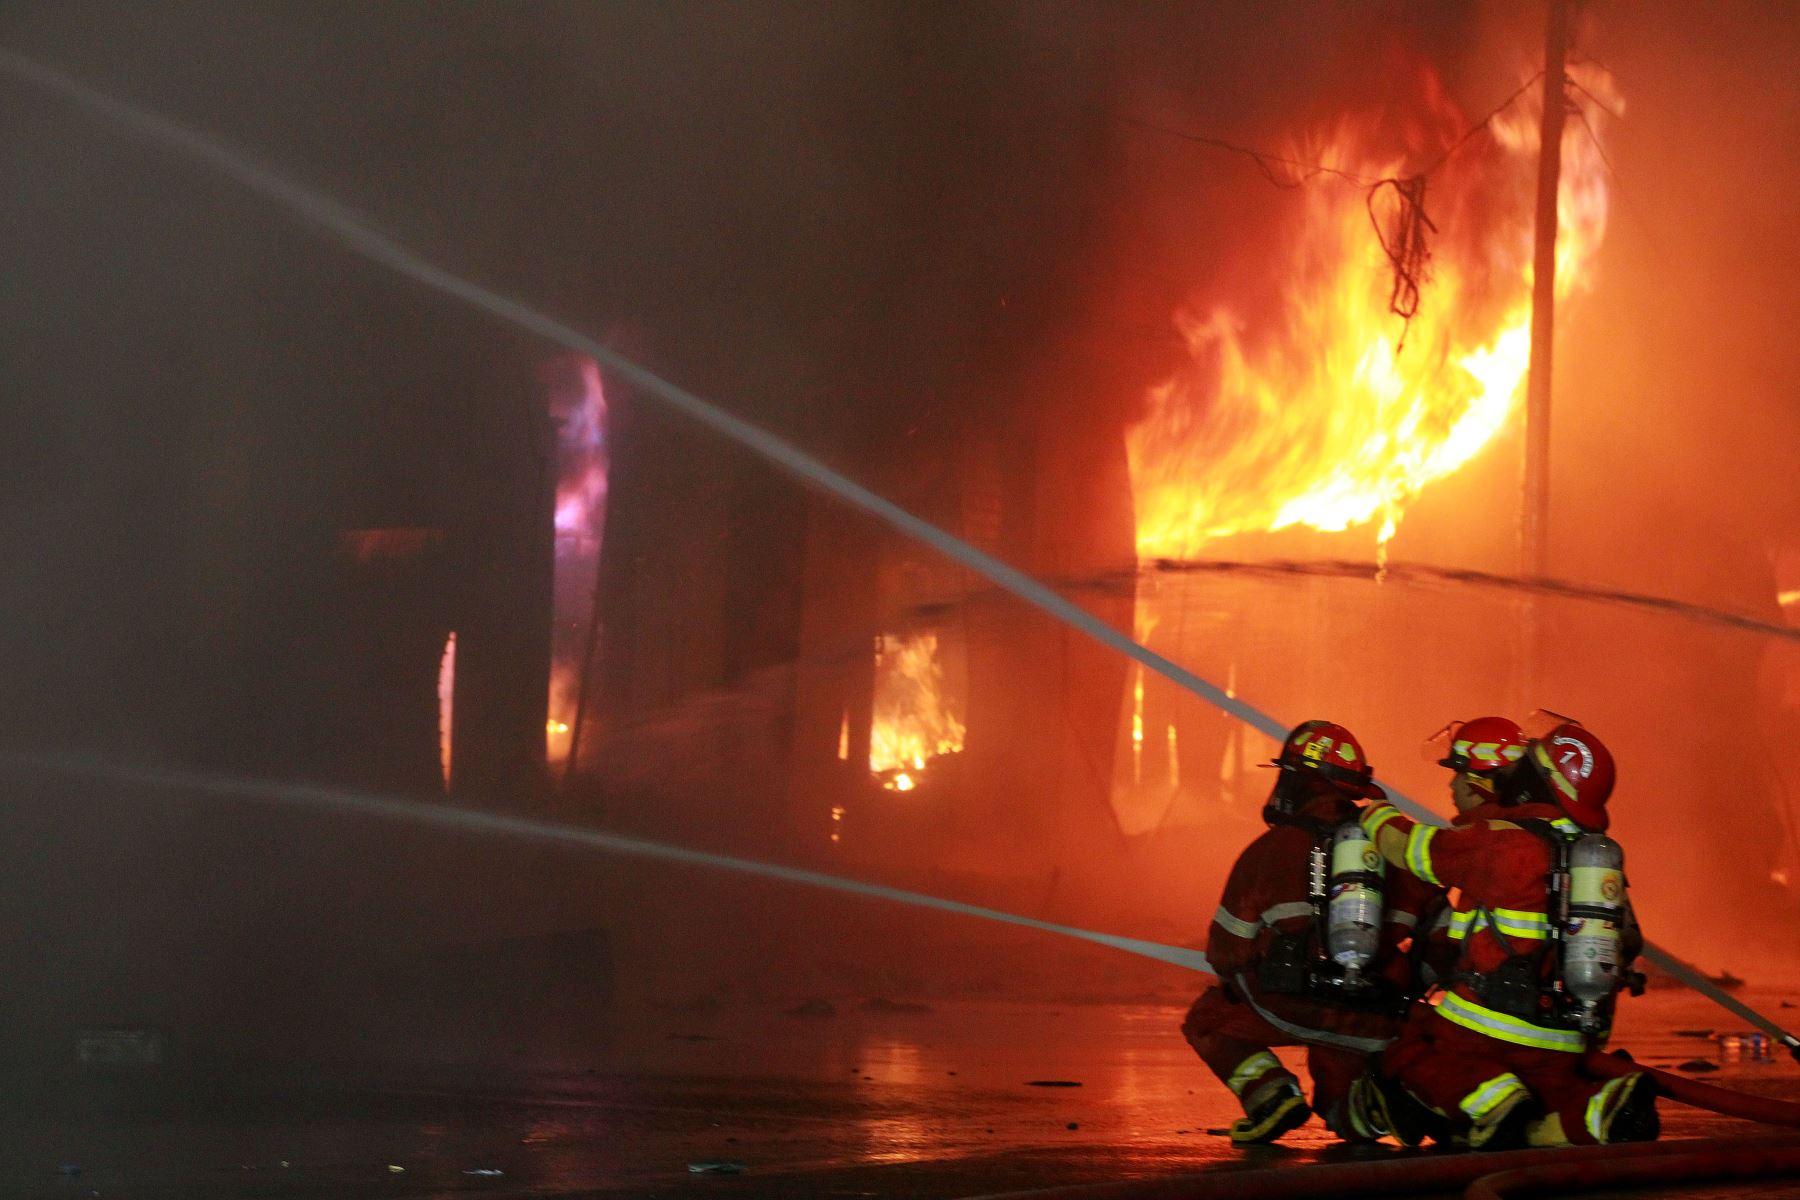 LIMA-PERÚ, JUNIO 22. Un incendio se registra en un edificio ubicado cerca a la zona comercial Las Malvinas, en el Cercado de Lima.   Foto: ANDINA/Luis Iparraguirre